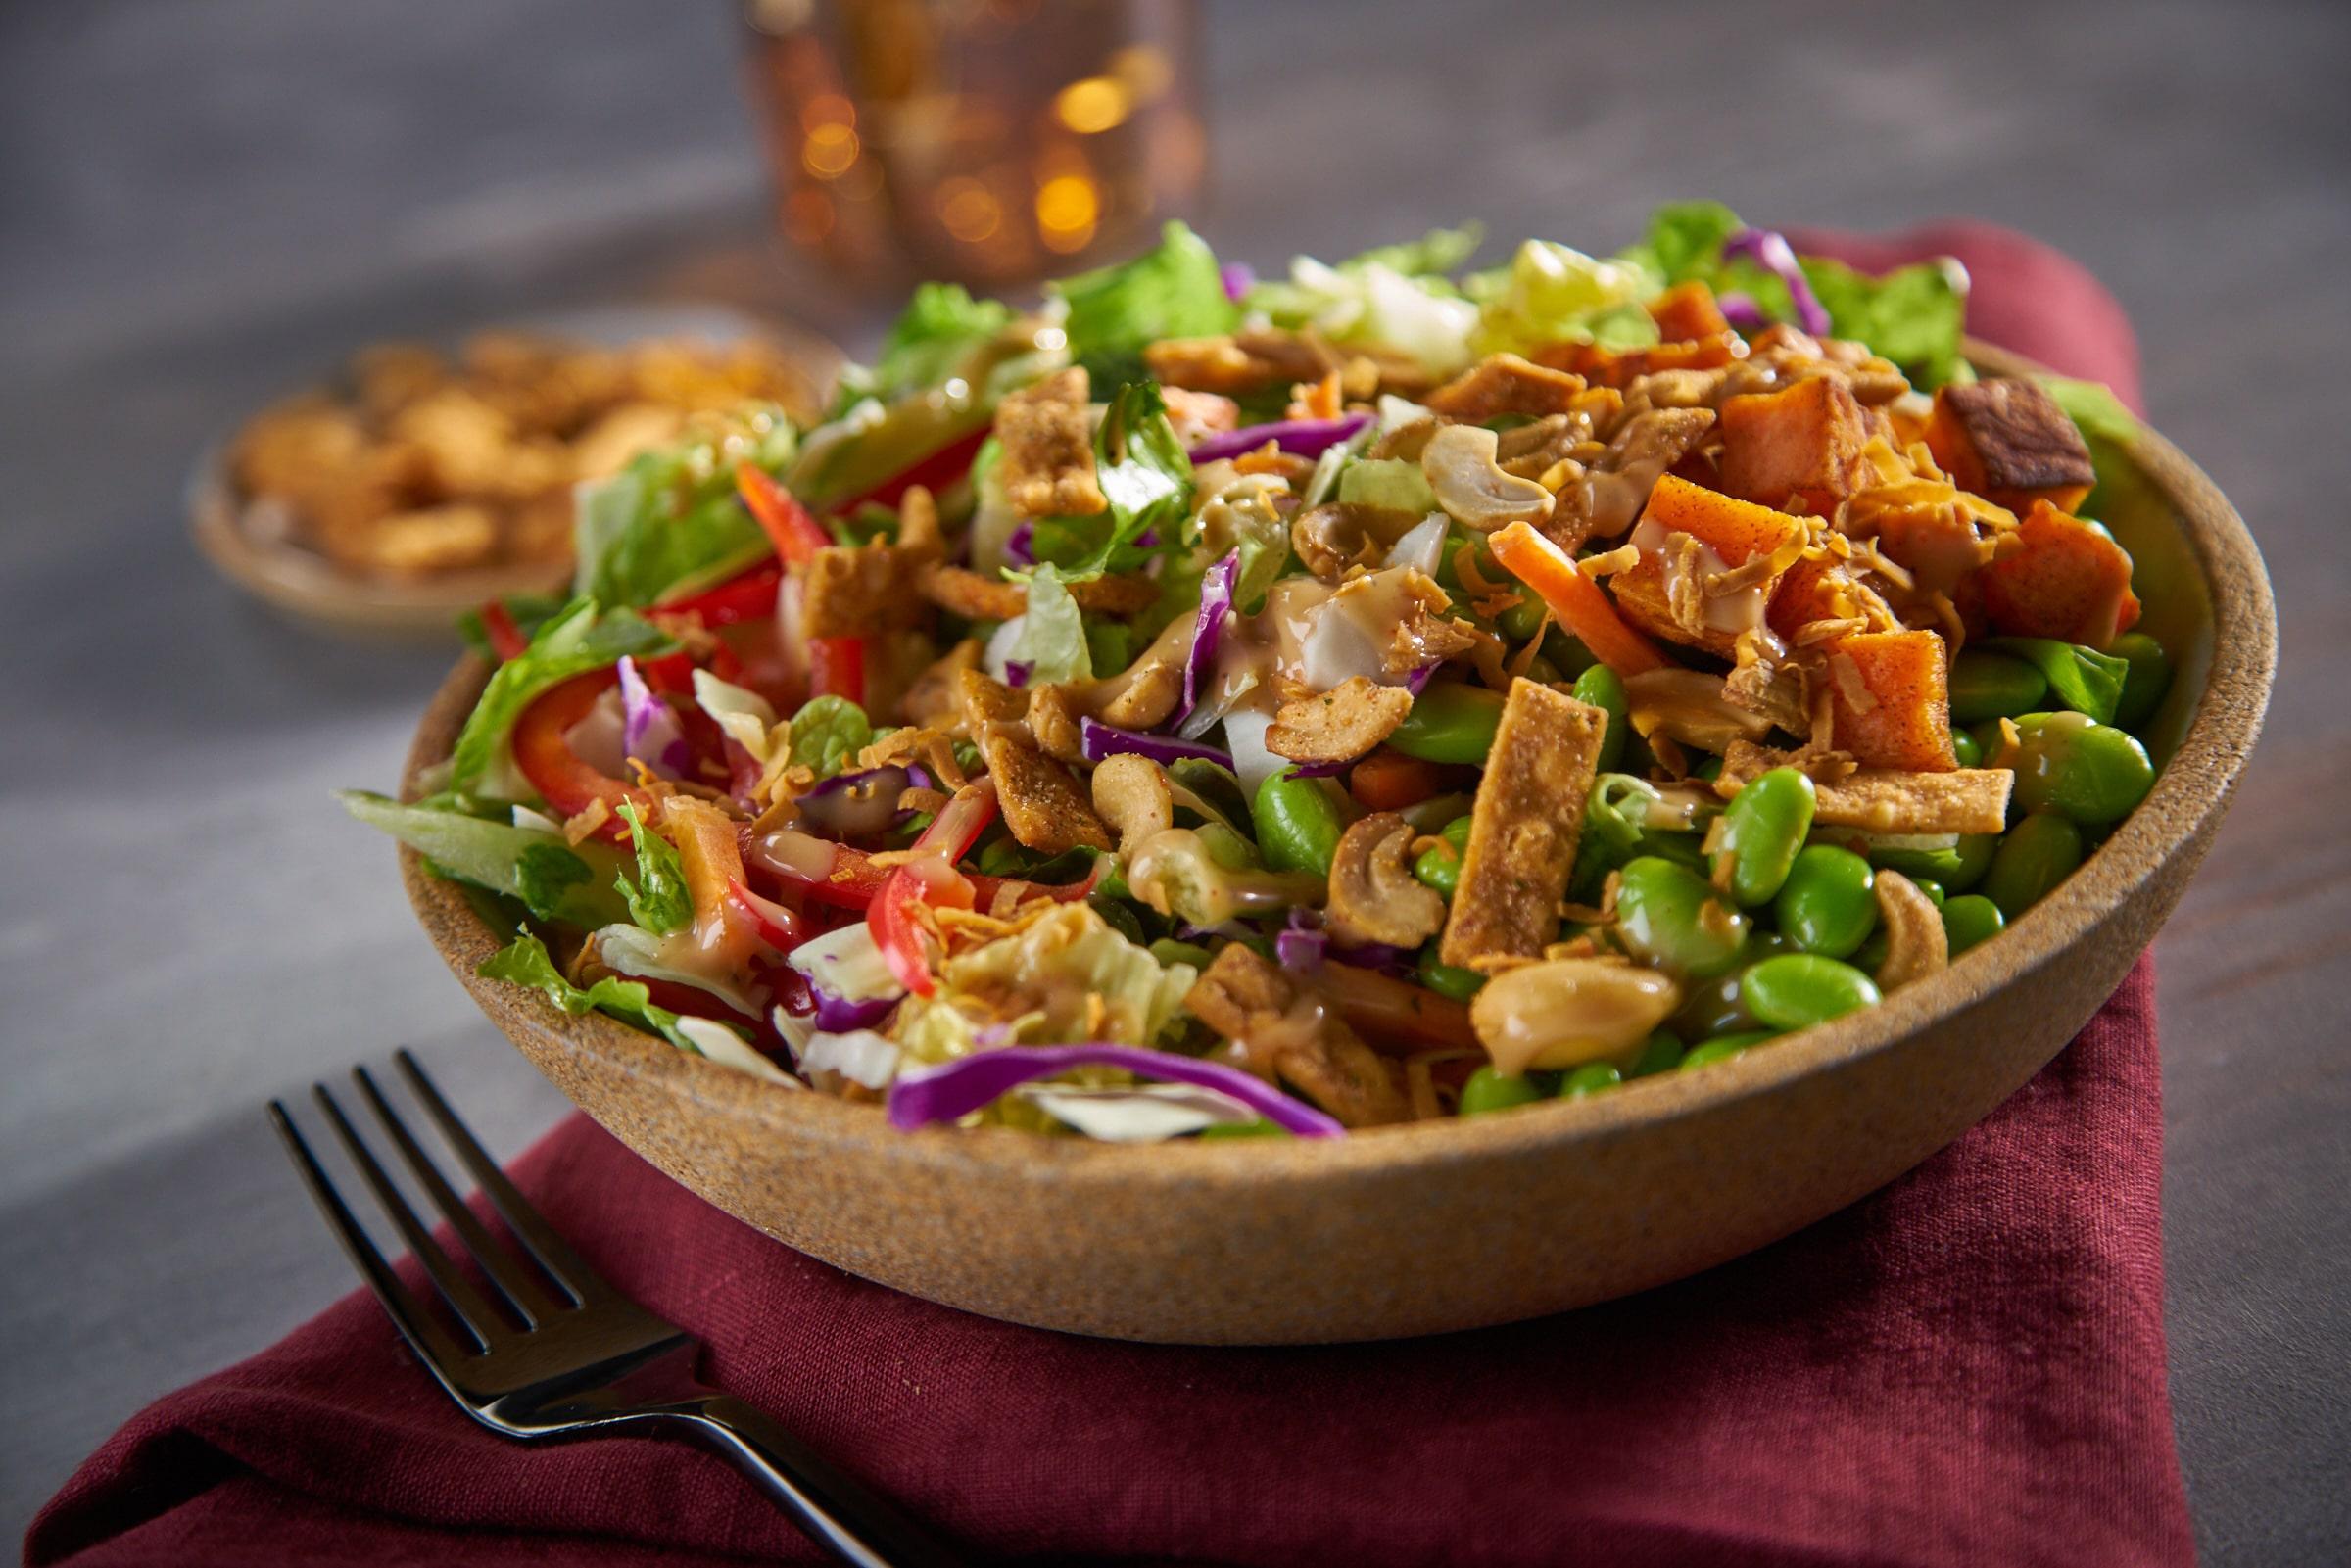 Thai 'N' Cashews Crunchy Nut Salad